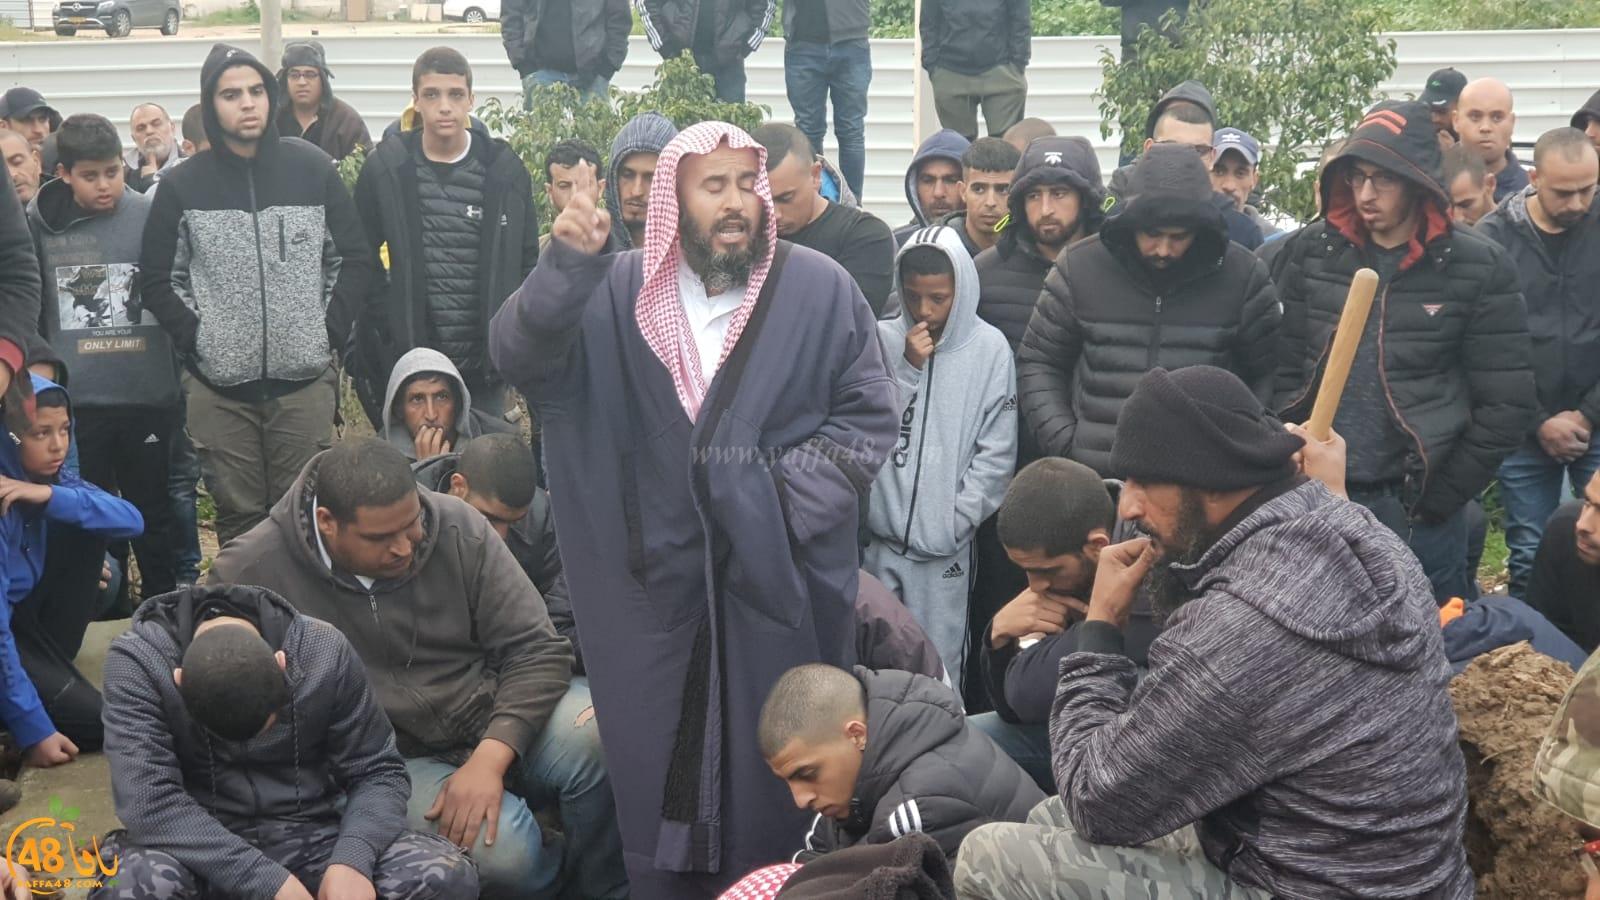 بالفيديو: جموع غفيرة من أهالي اللد تُشارك في تشييع جثمان الشاب ثابت الباز